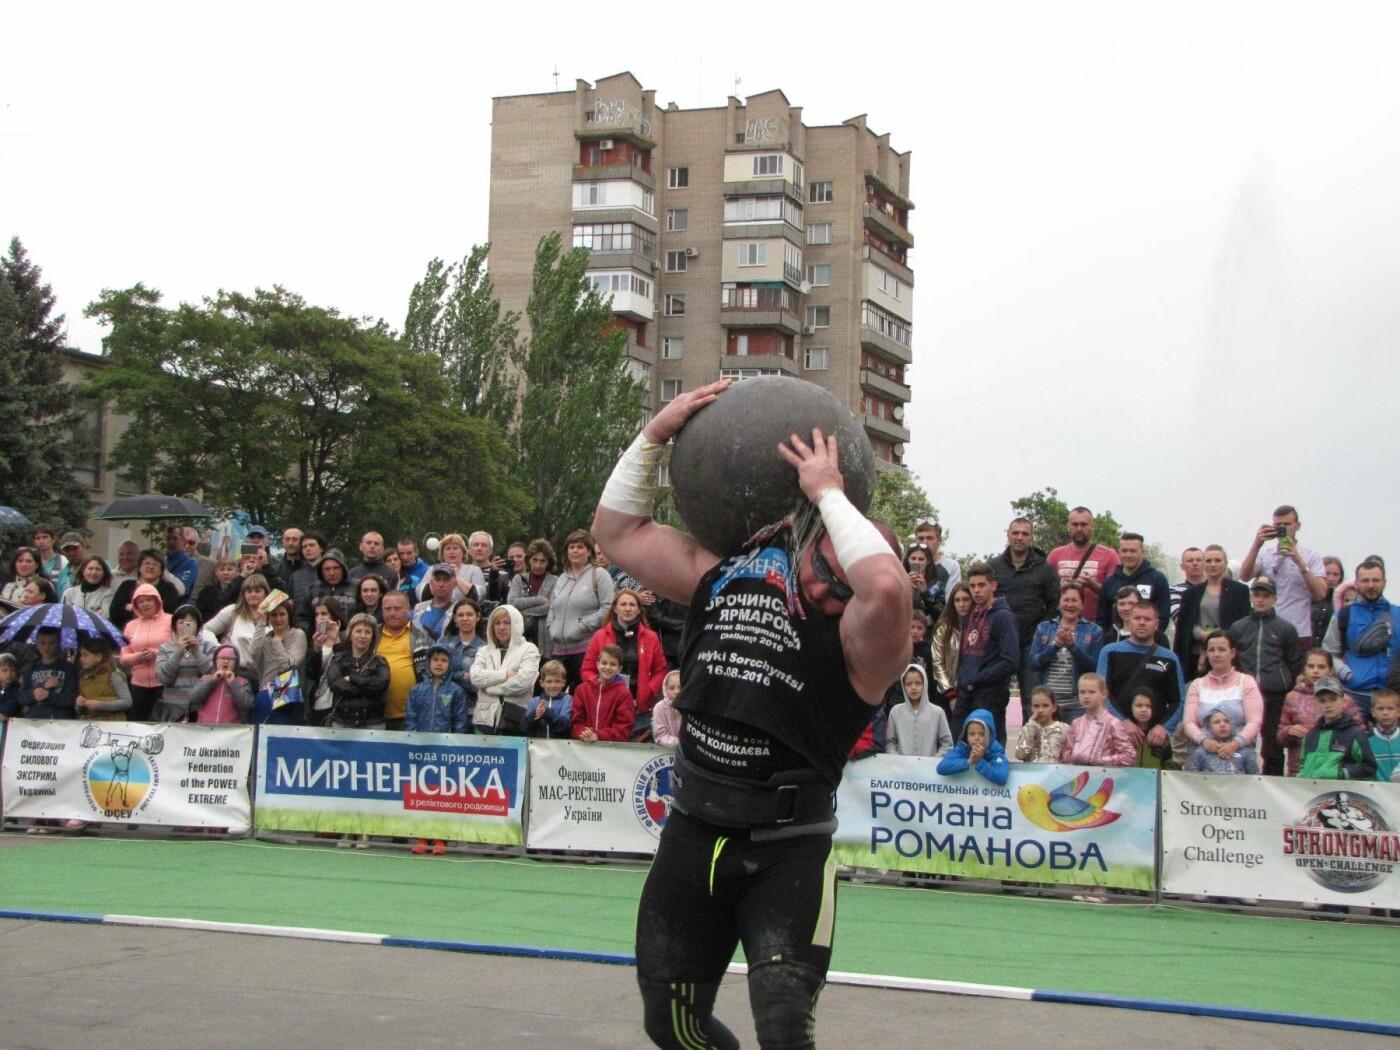 Три победы за неделю: мелитопольский богатырь выиграл второй этап международного чемпионата, фото-22